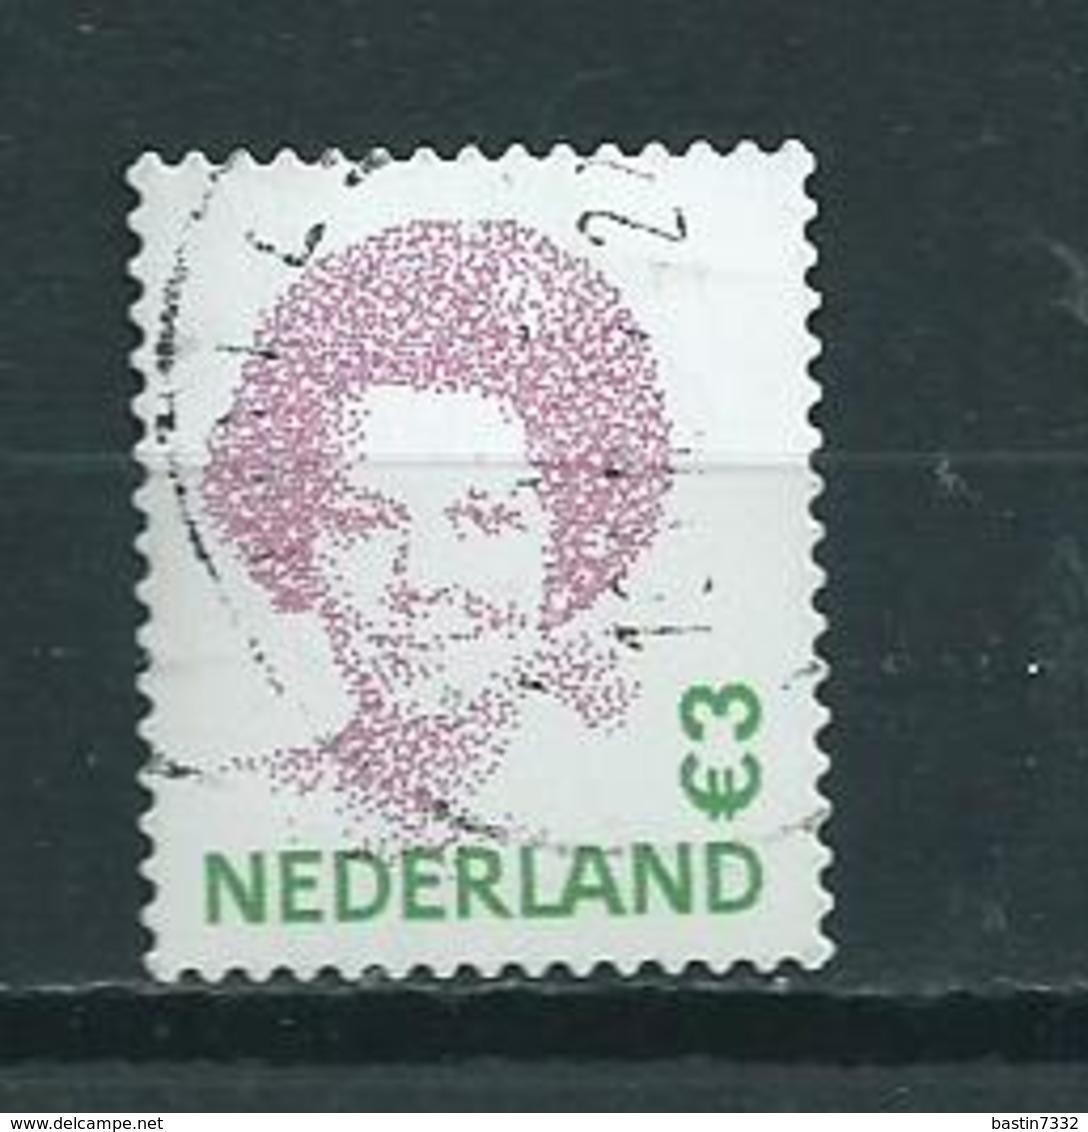 2002 Netherlands Queen Beatrix 3,00 EURO Used/gebruikt/oblitere - Periode 1980-... (Beatrix)